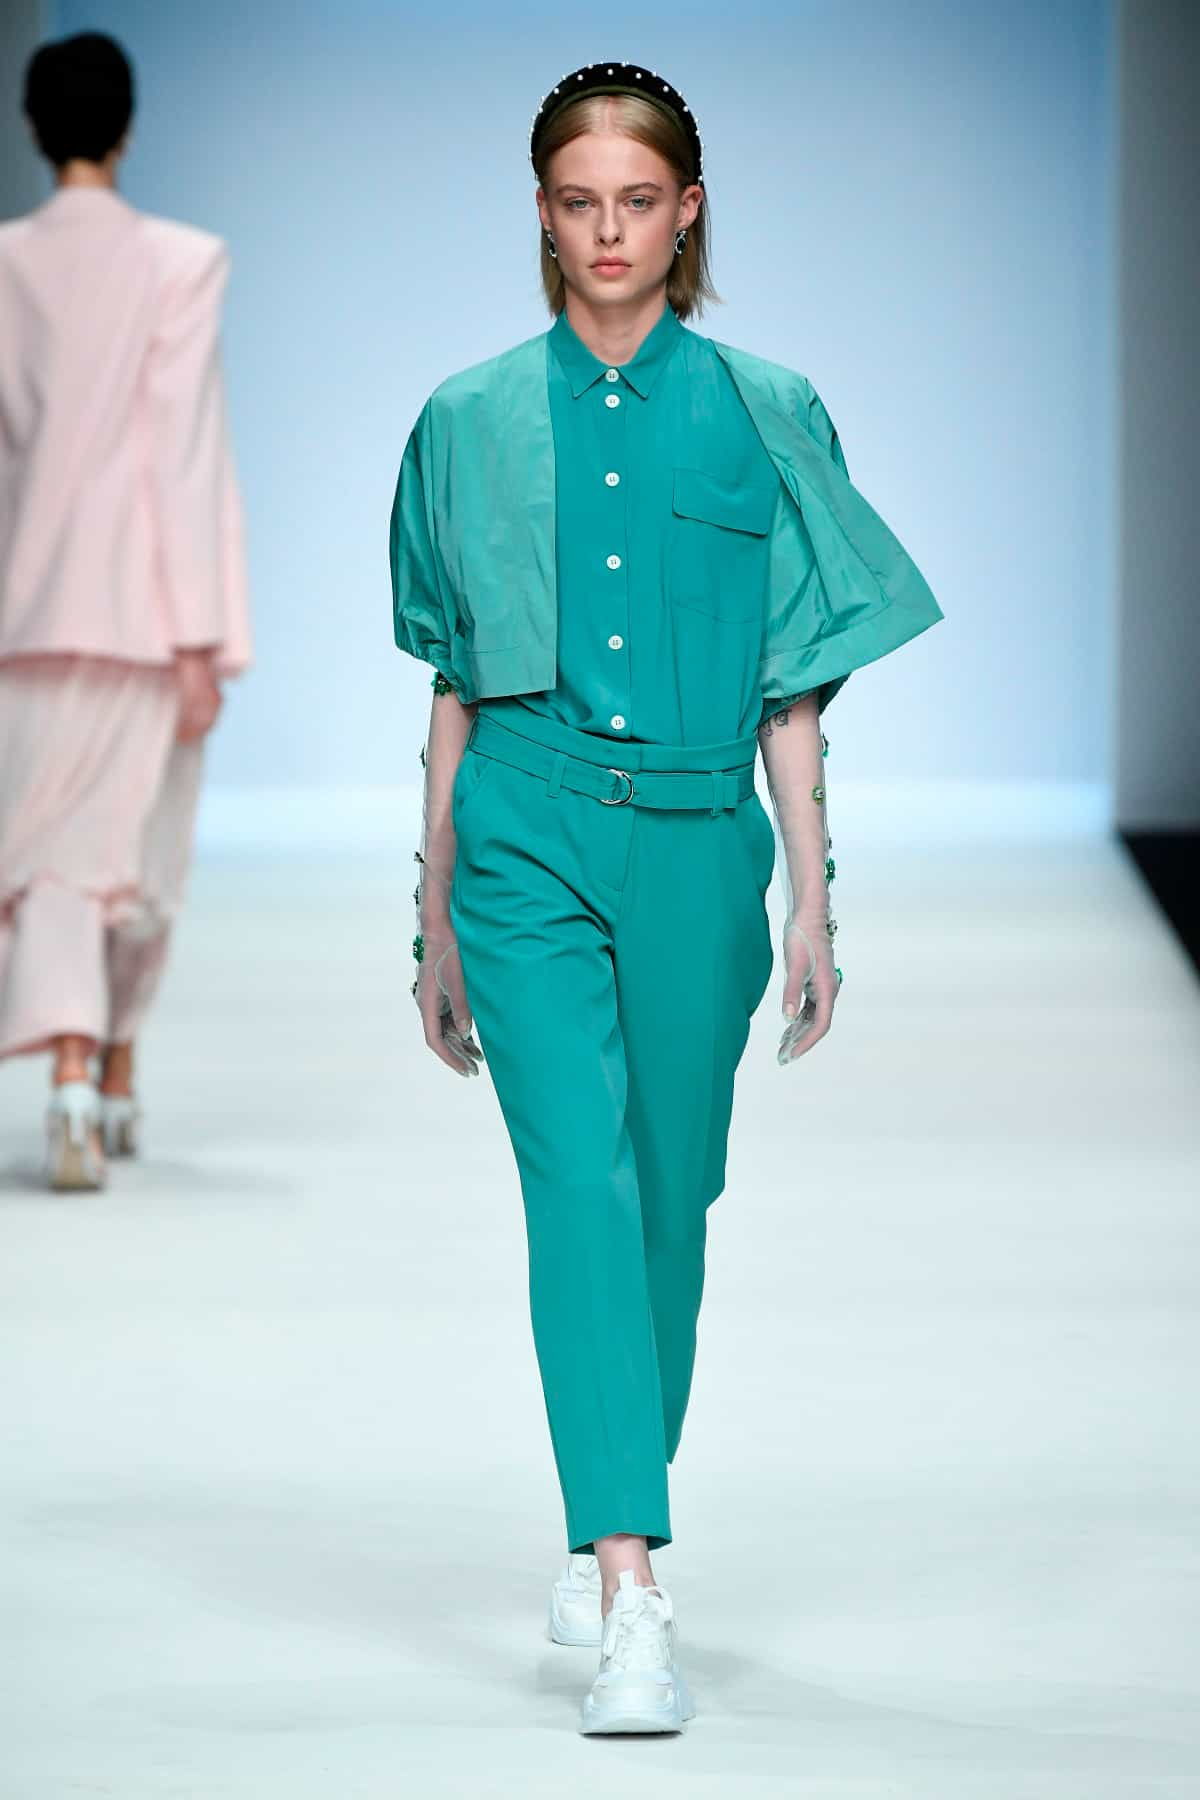 Mode von Riani Kollektion Frühjahr-Sommer 2020 zur Fashion Week Berlin im Juli 2019 - 6